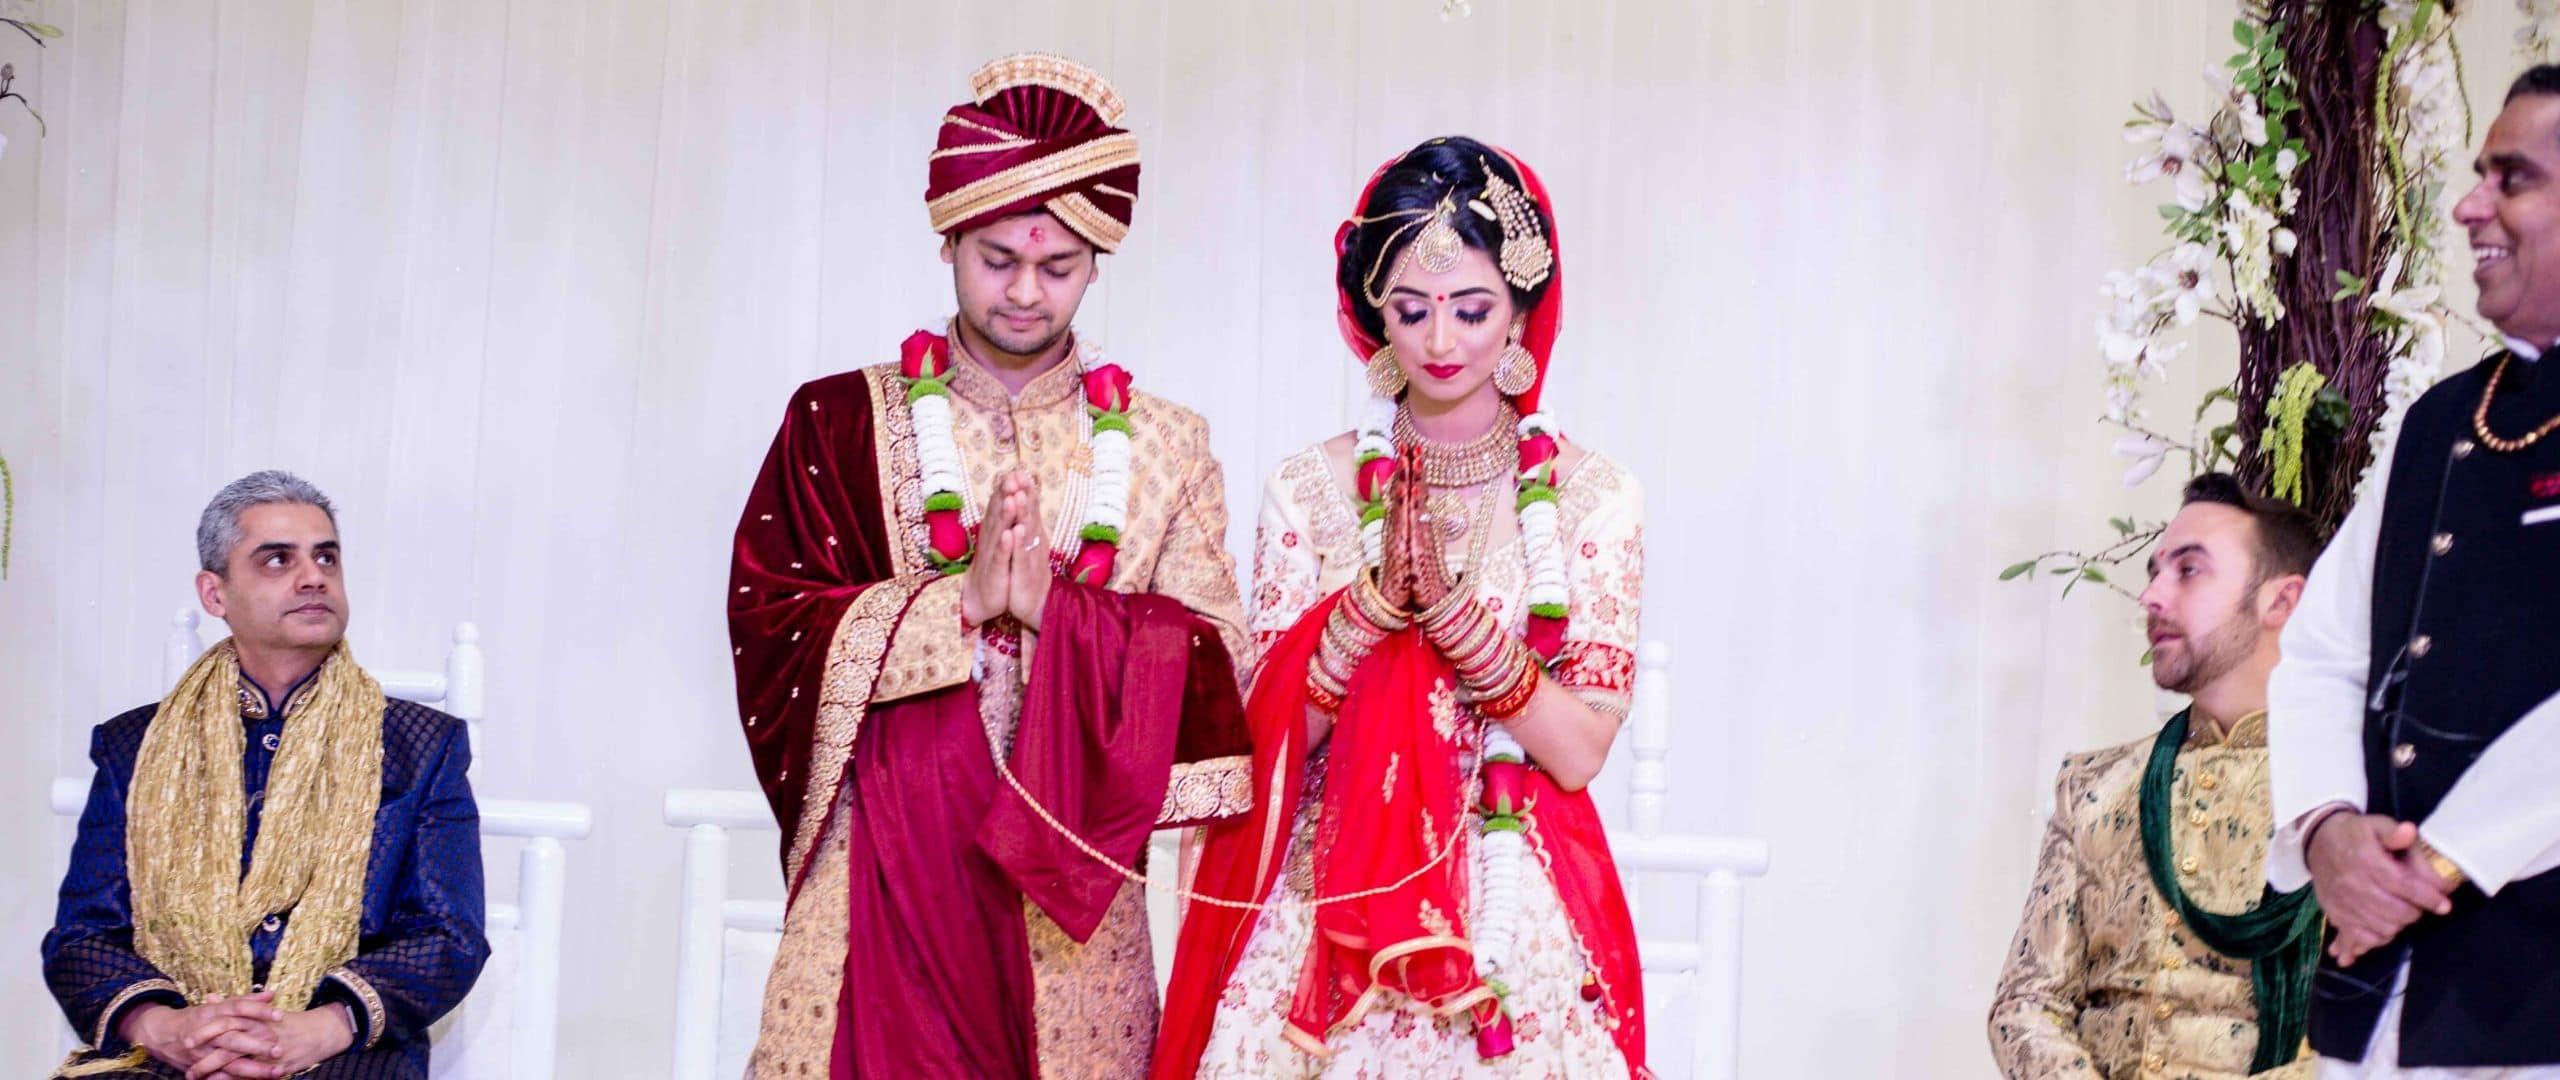 Meera & Mitesh's Beautiful Hindu Ceremony